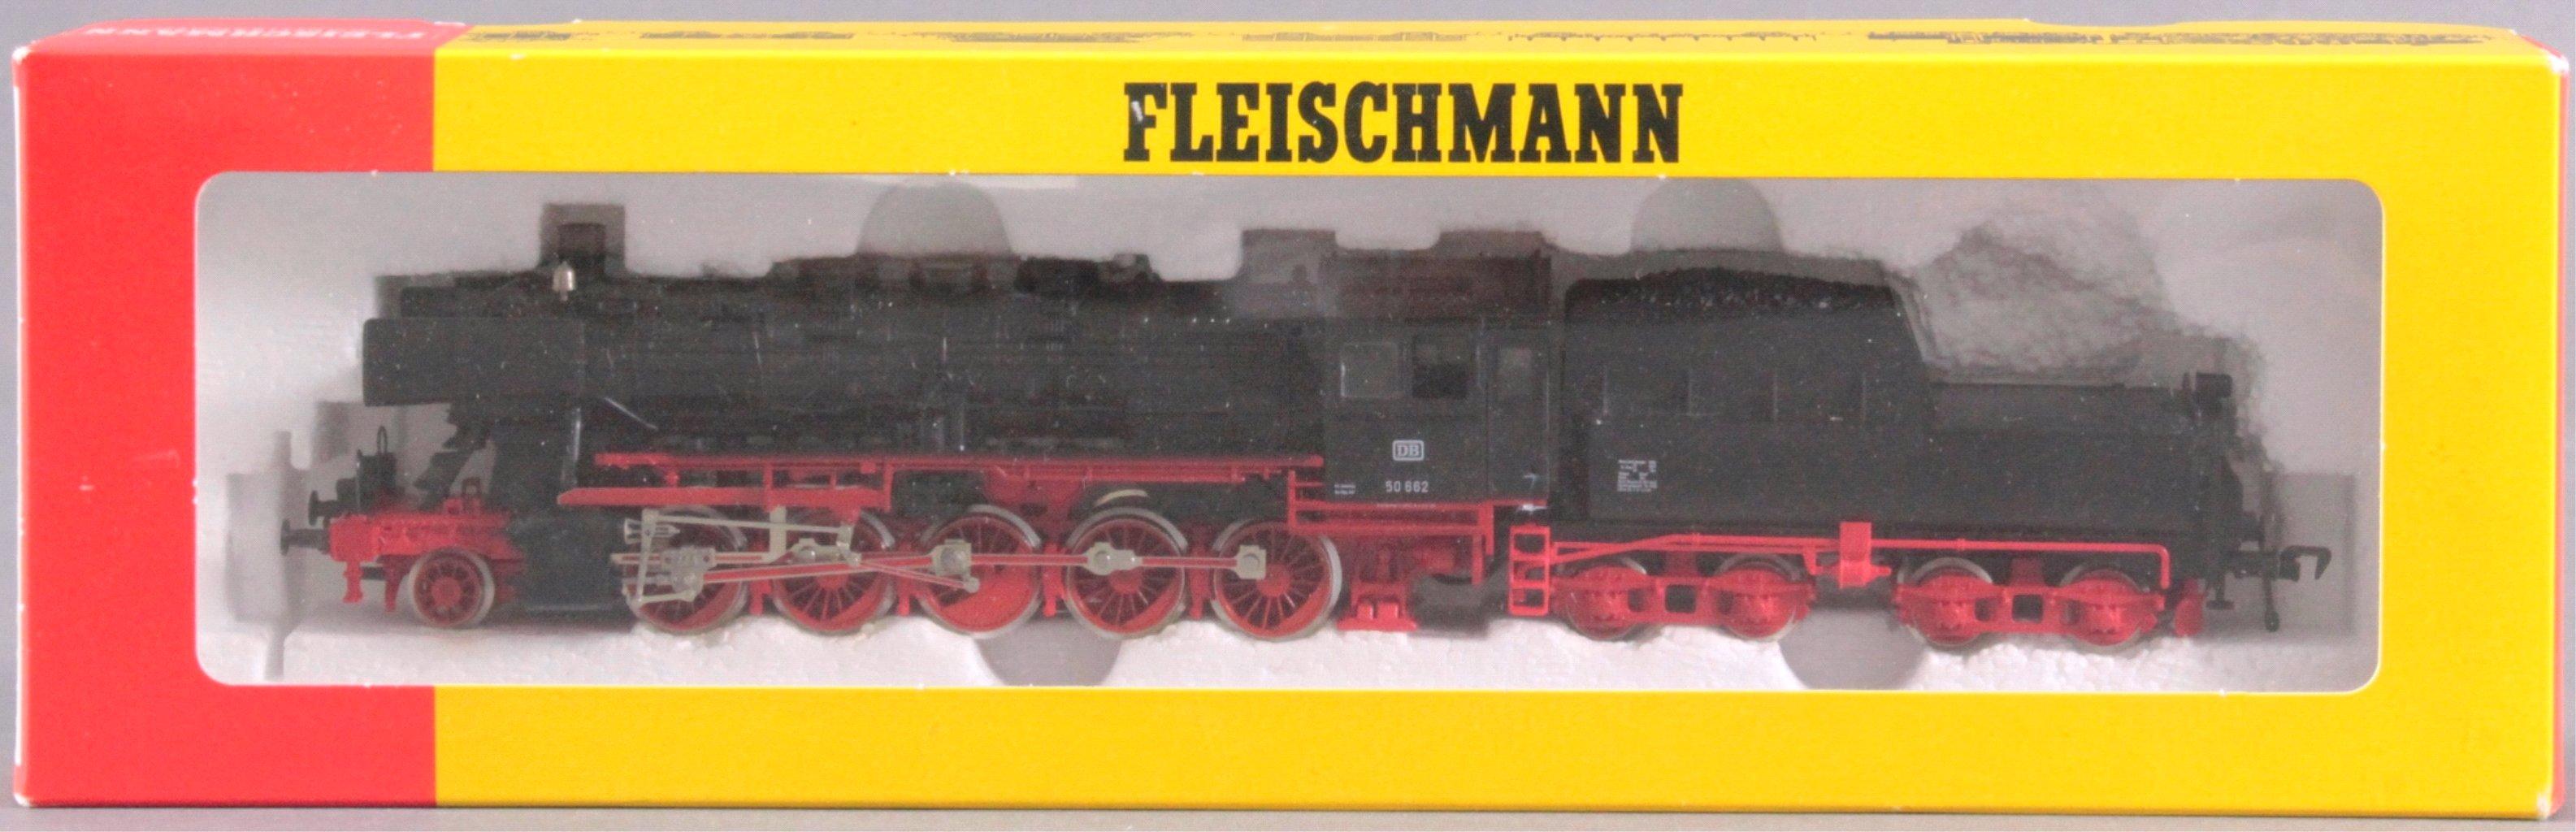 Fleischmann Dampflok mit Tender 4179 BR 50 662 Spur H0-2